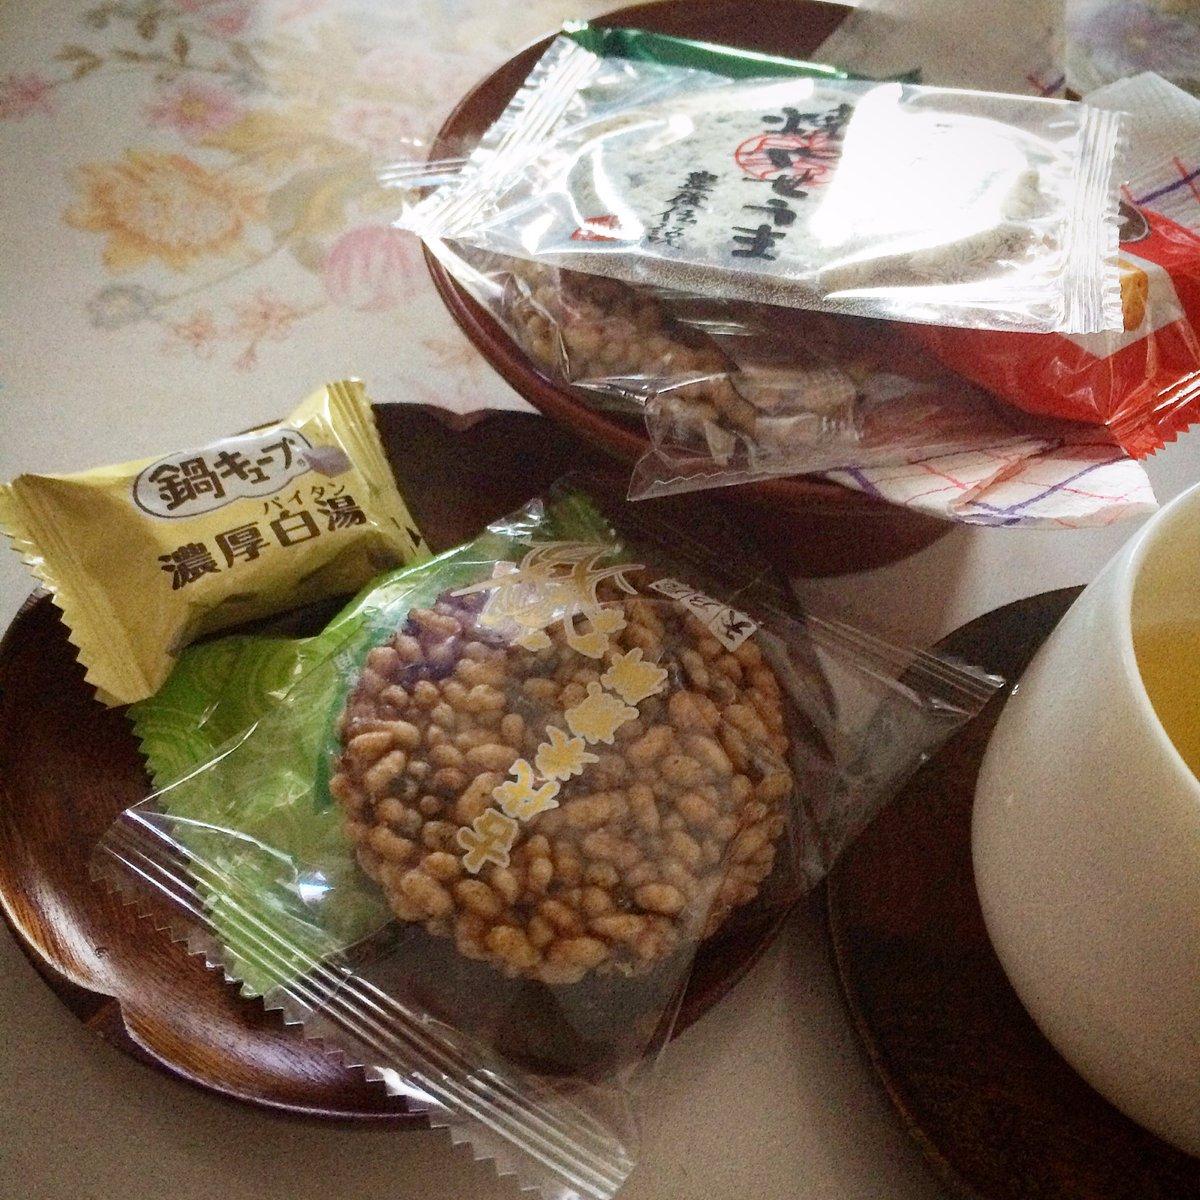 今日、おばあちゃんの家で、おばあちゃんが出してくれたお菓子に、罠が。 https://t.co/d7uvt9hlfd